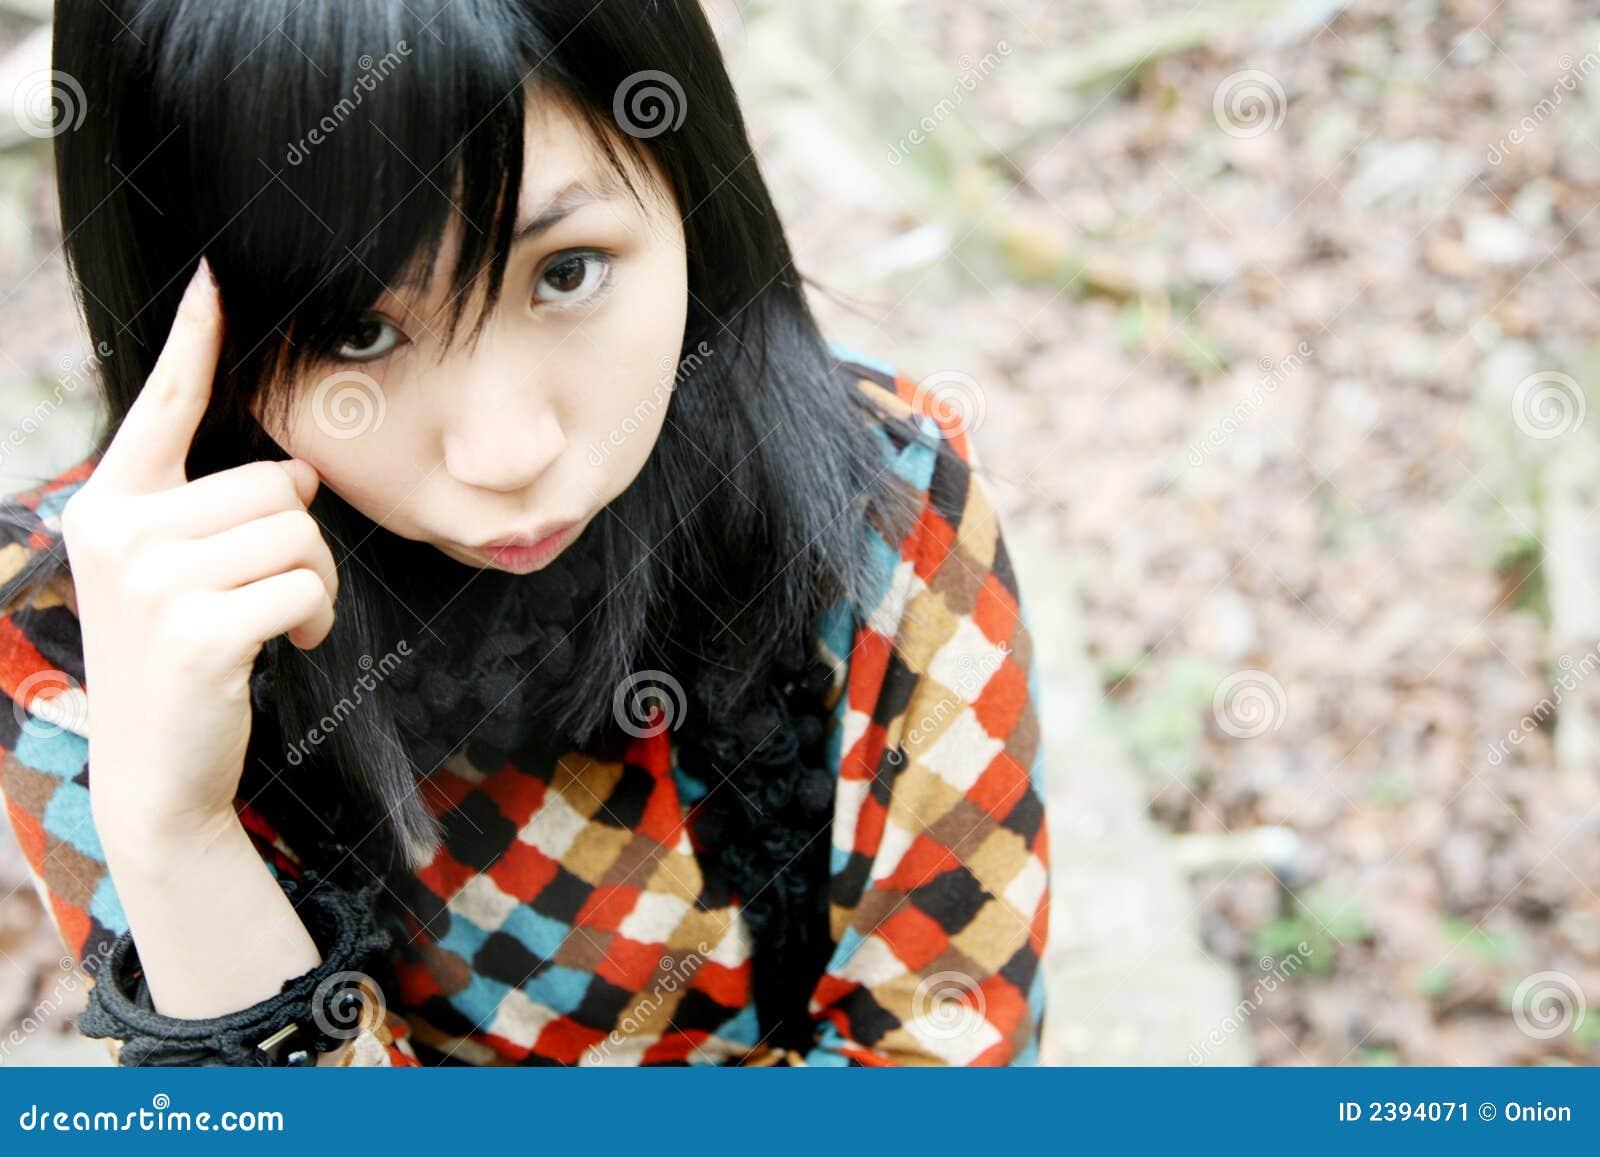 查看浏览器的亚裔女孩